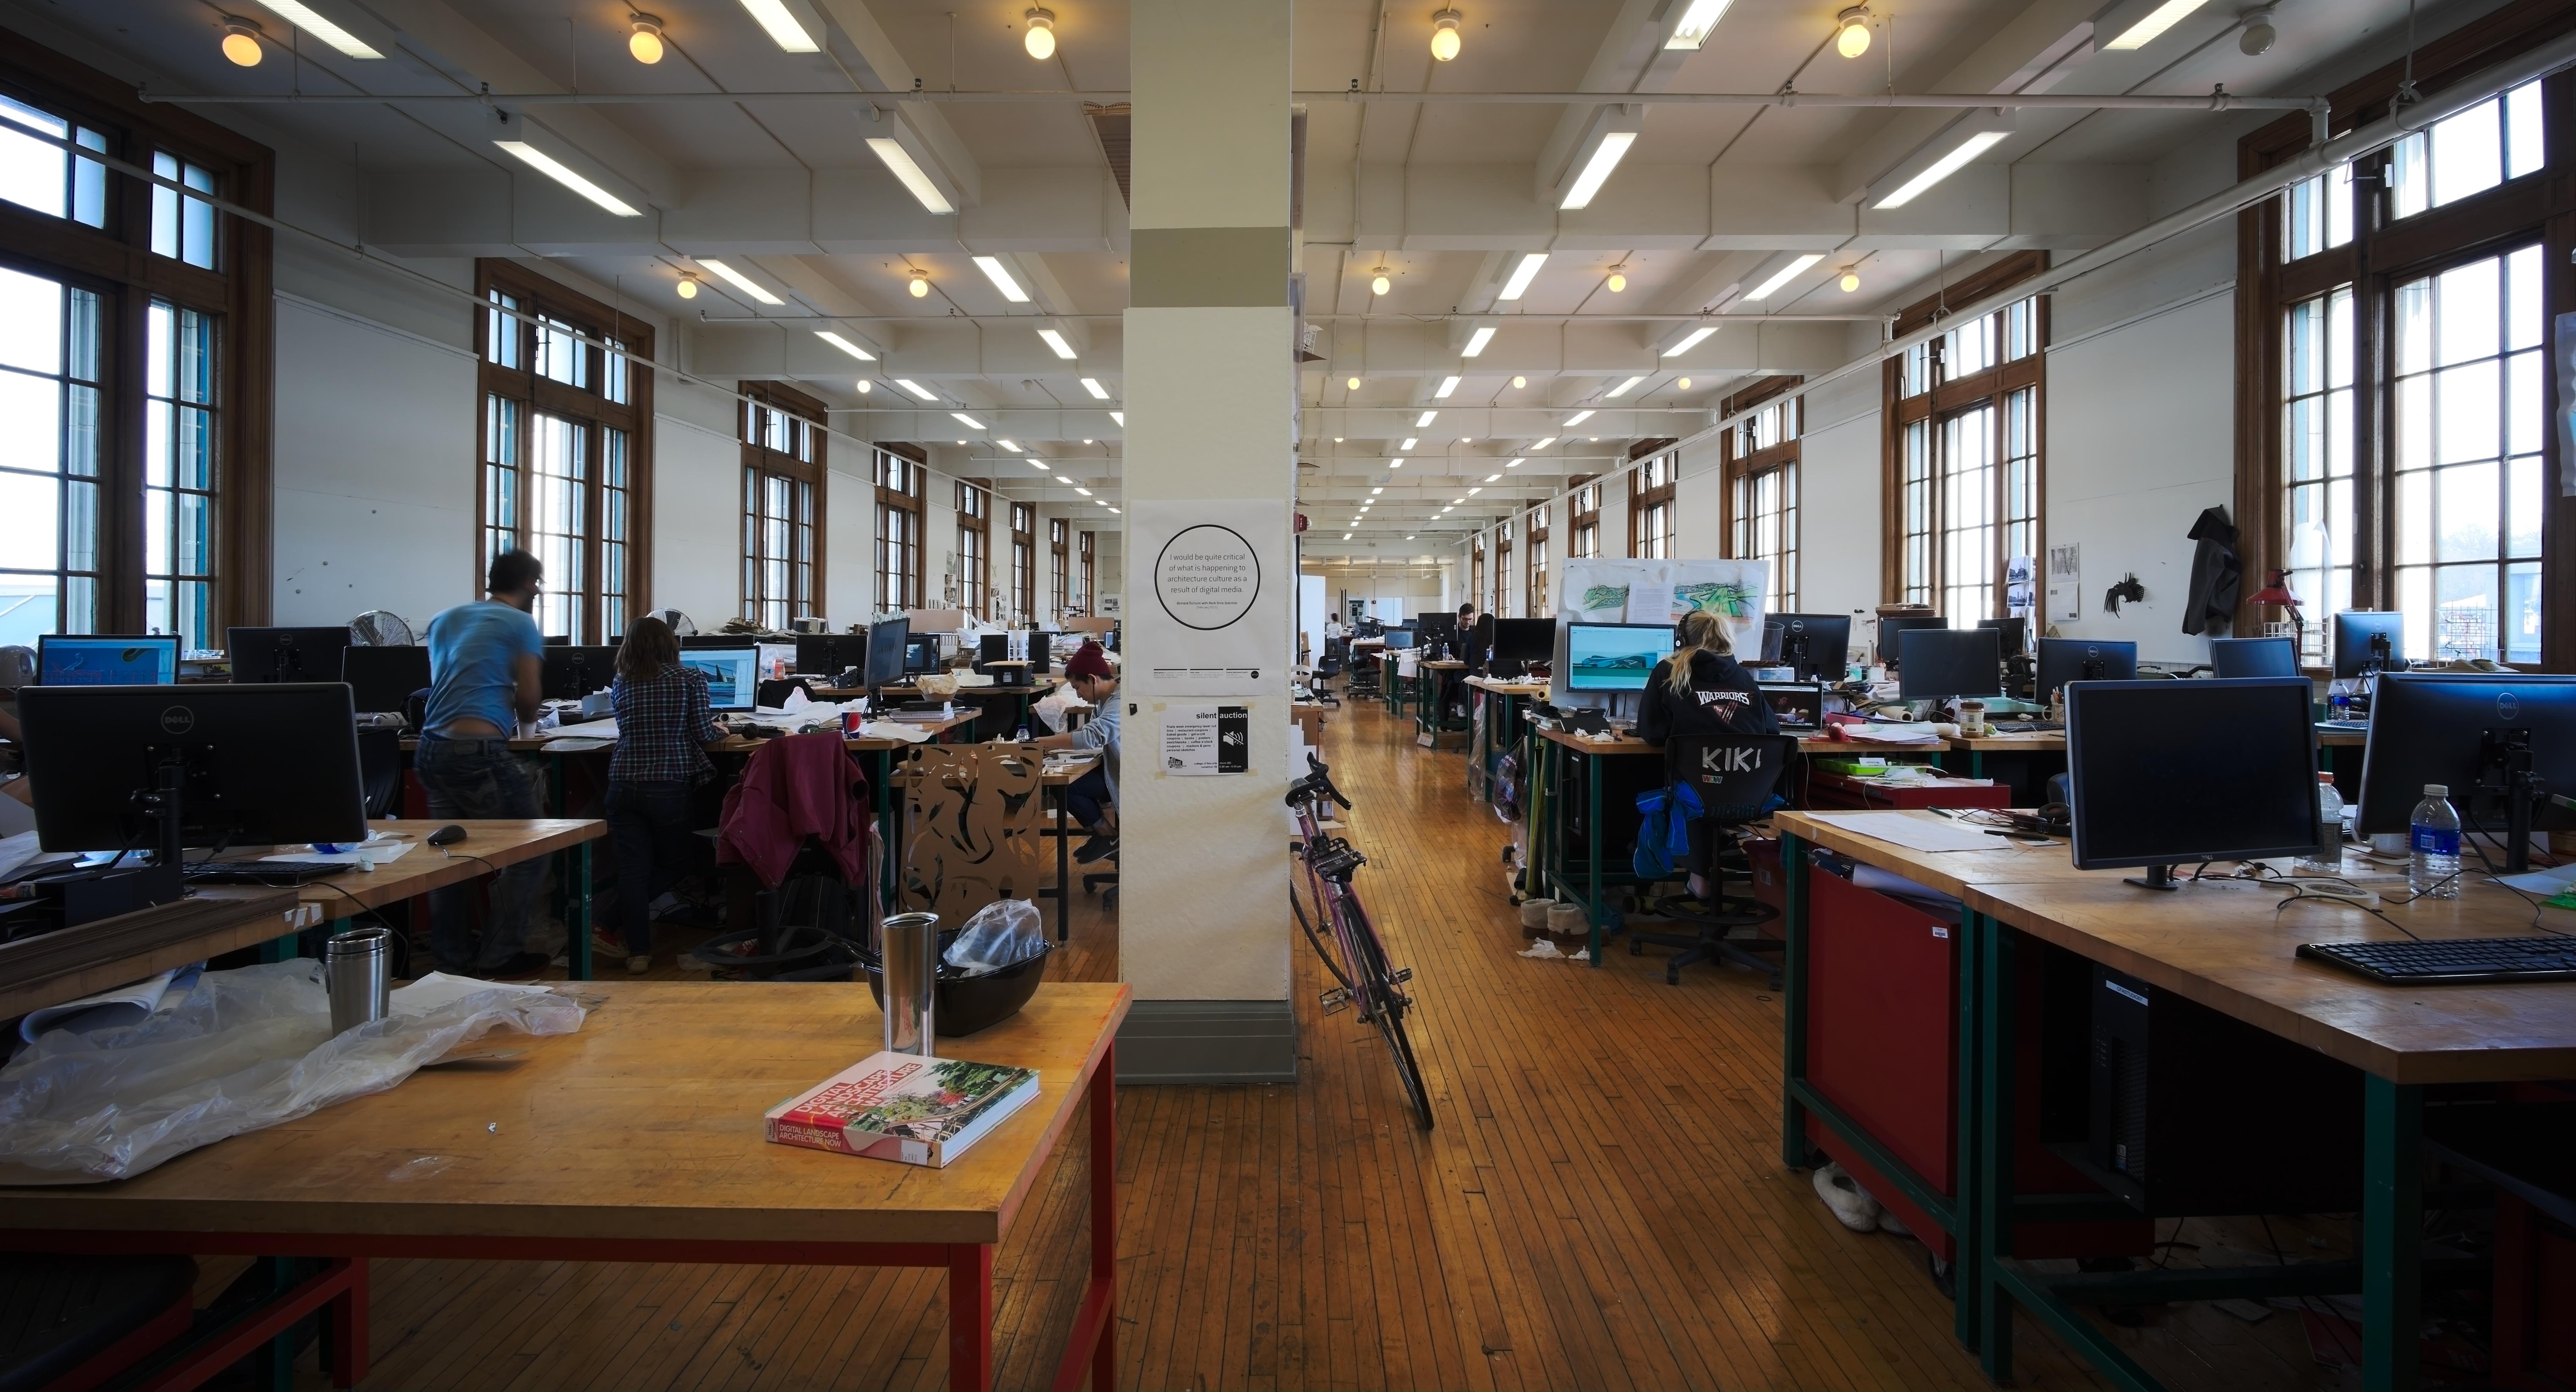 FileArchitecture Classroom In The Carnegie Mellon College Of Fine Arts